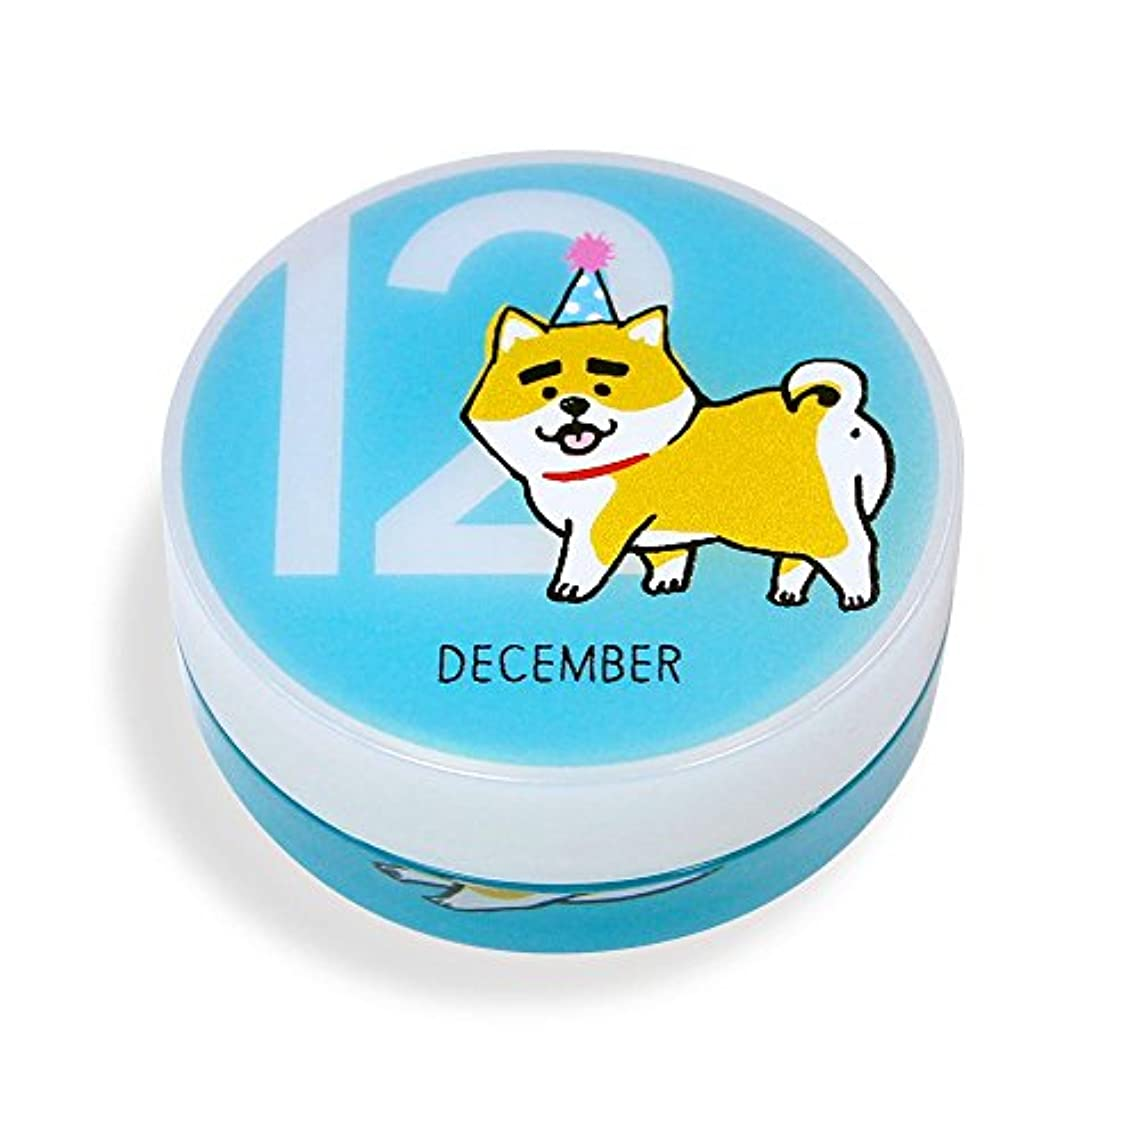 浴室頬骨修理工しばんばん フルプルクリーム 誕生月シリーズ 12月 20g